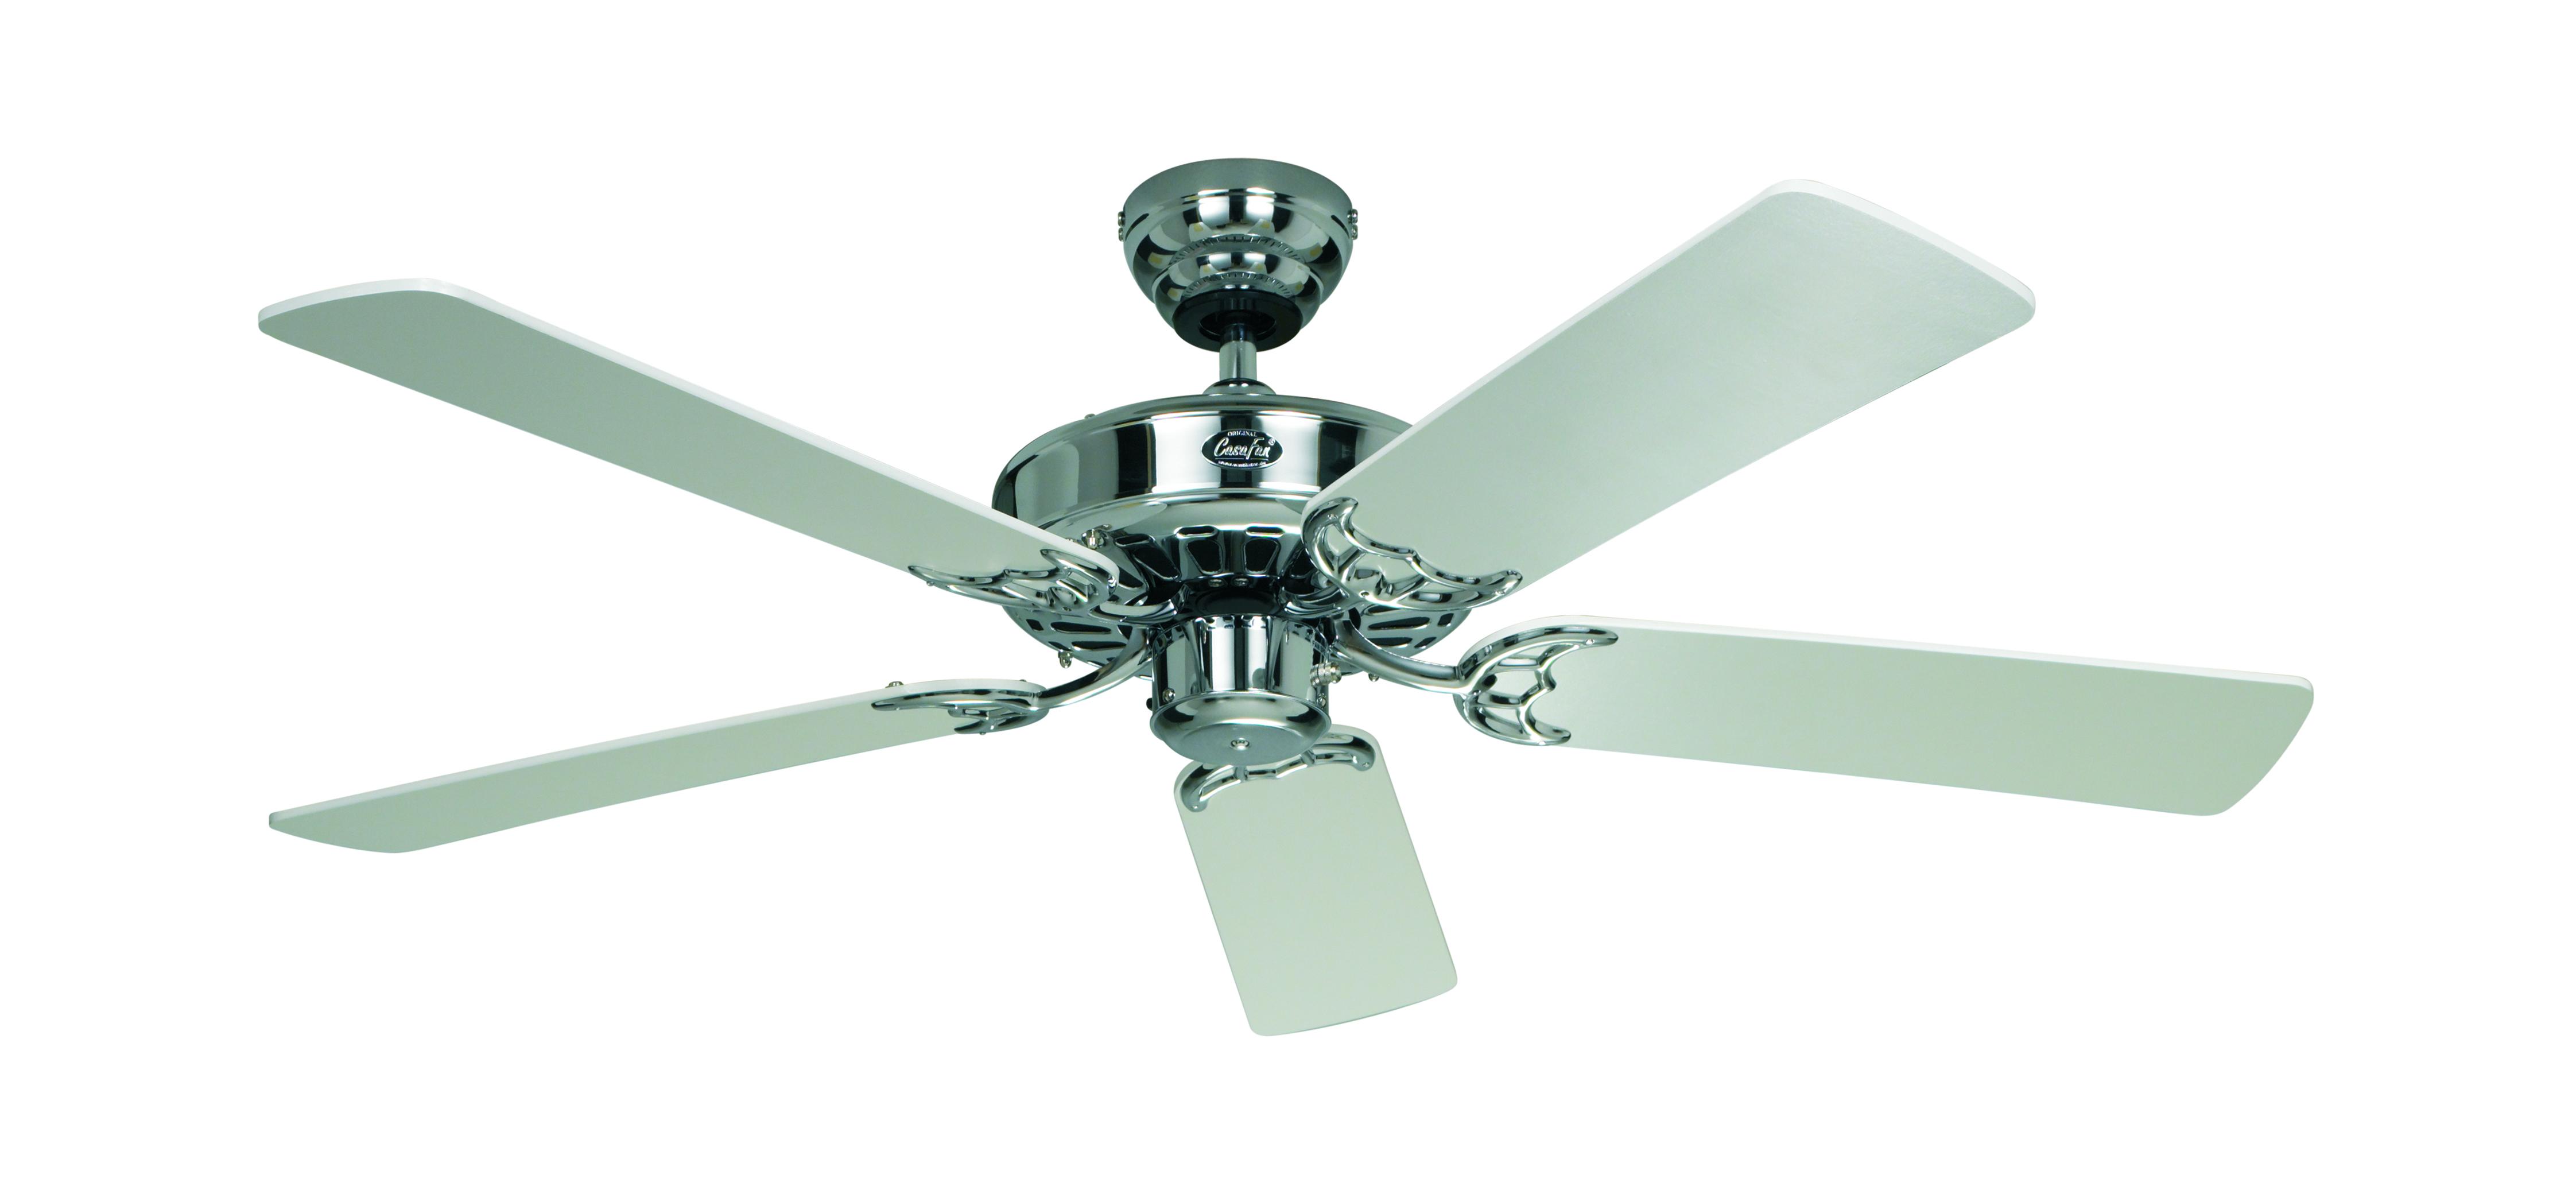 Stropní ventilátor CasaFan Classic Royal 103/1320 mm v barevném provedení bílá/chrom